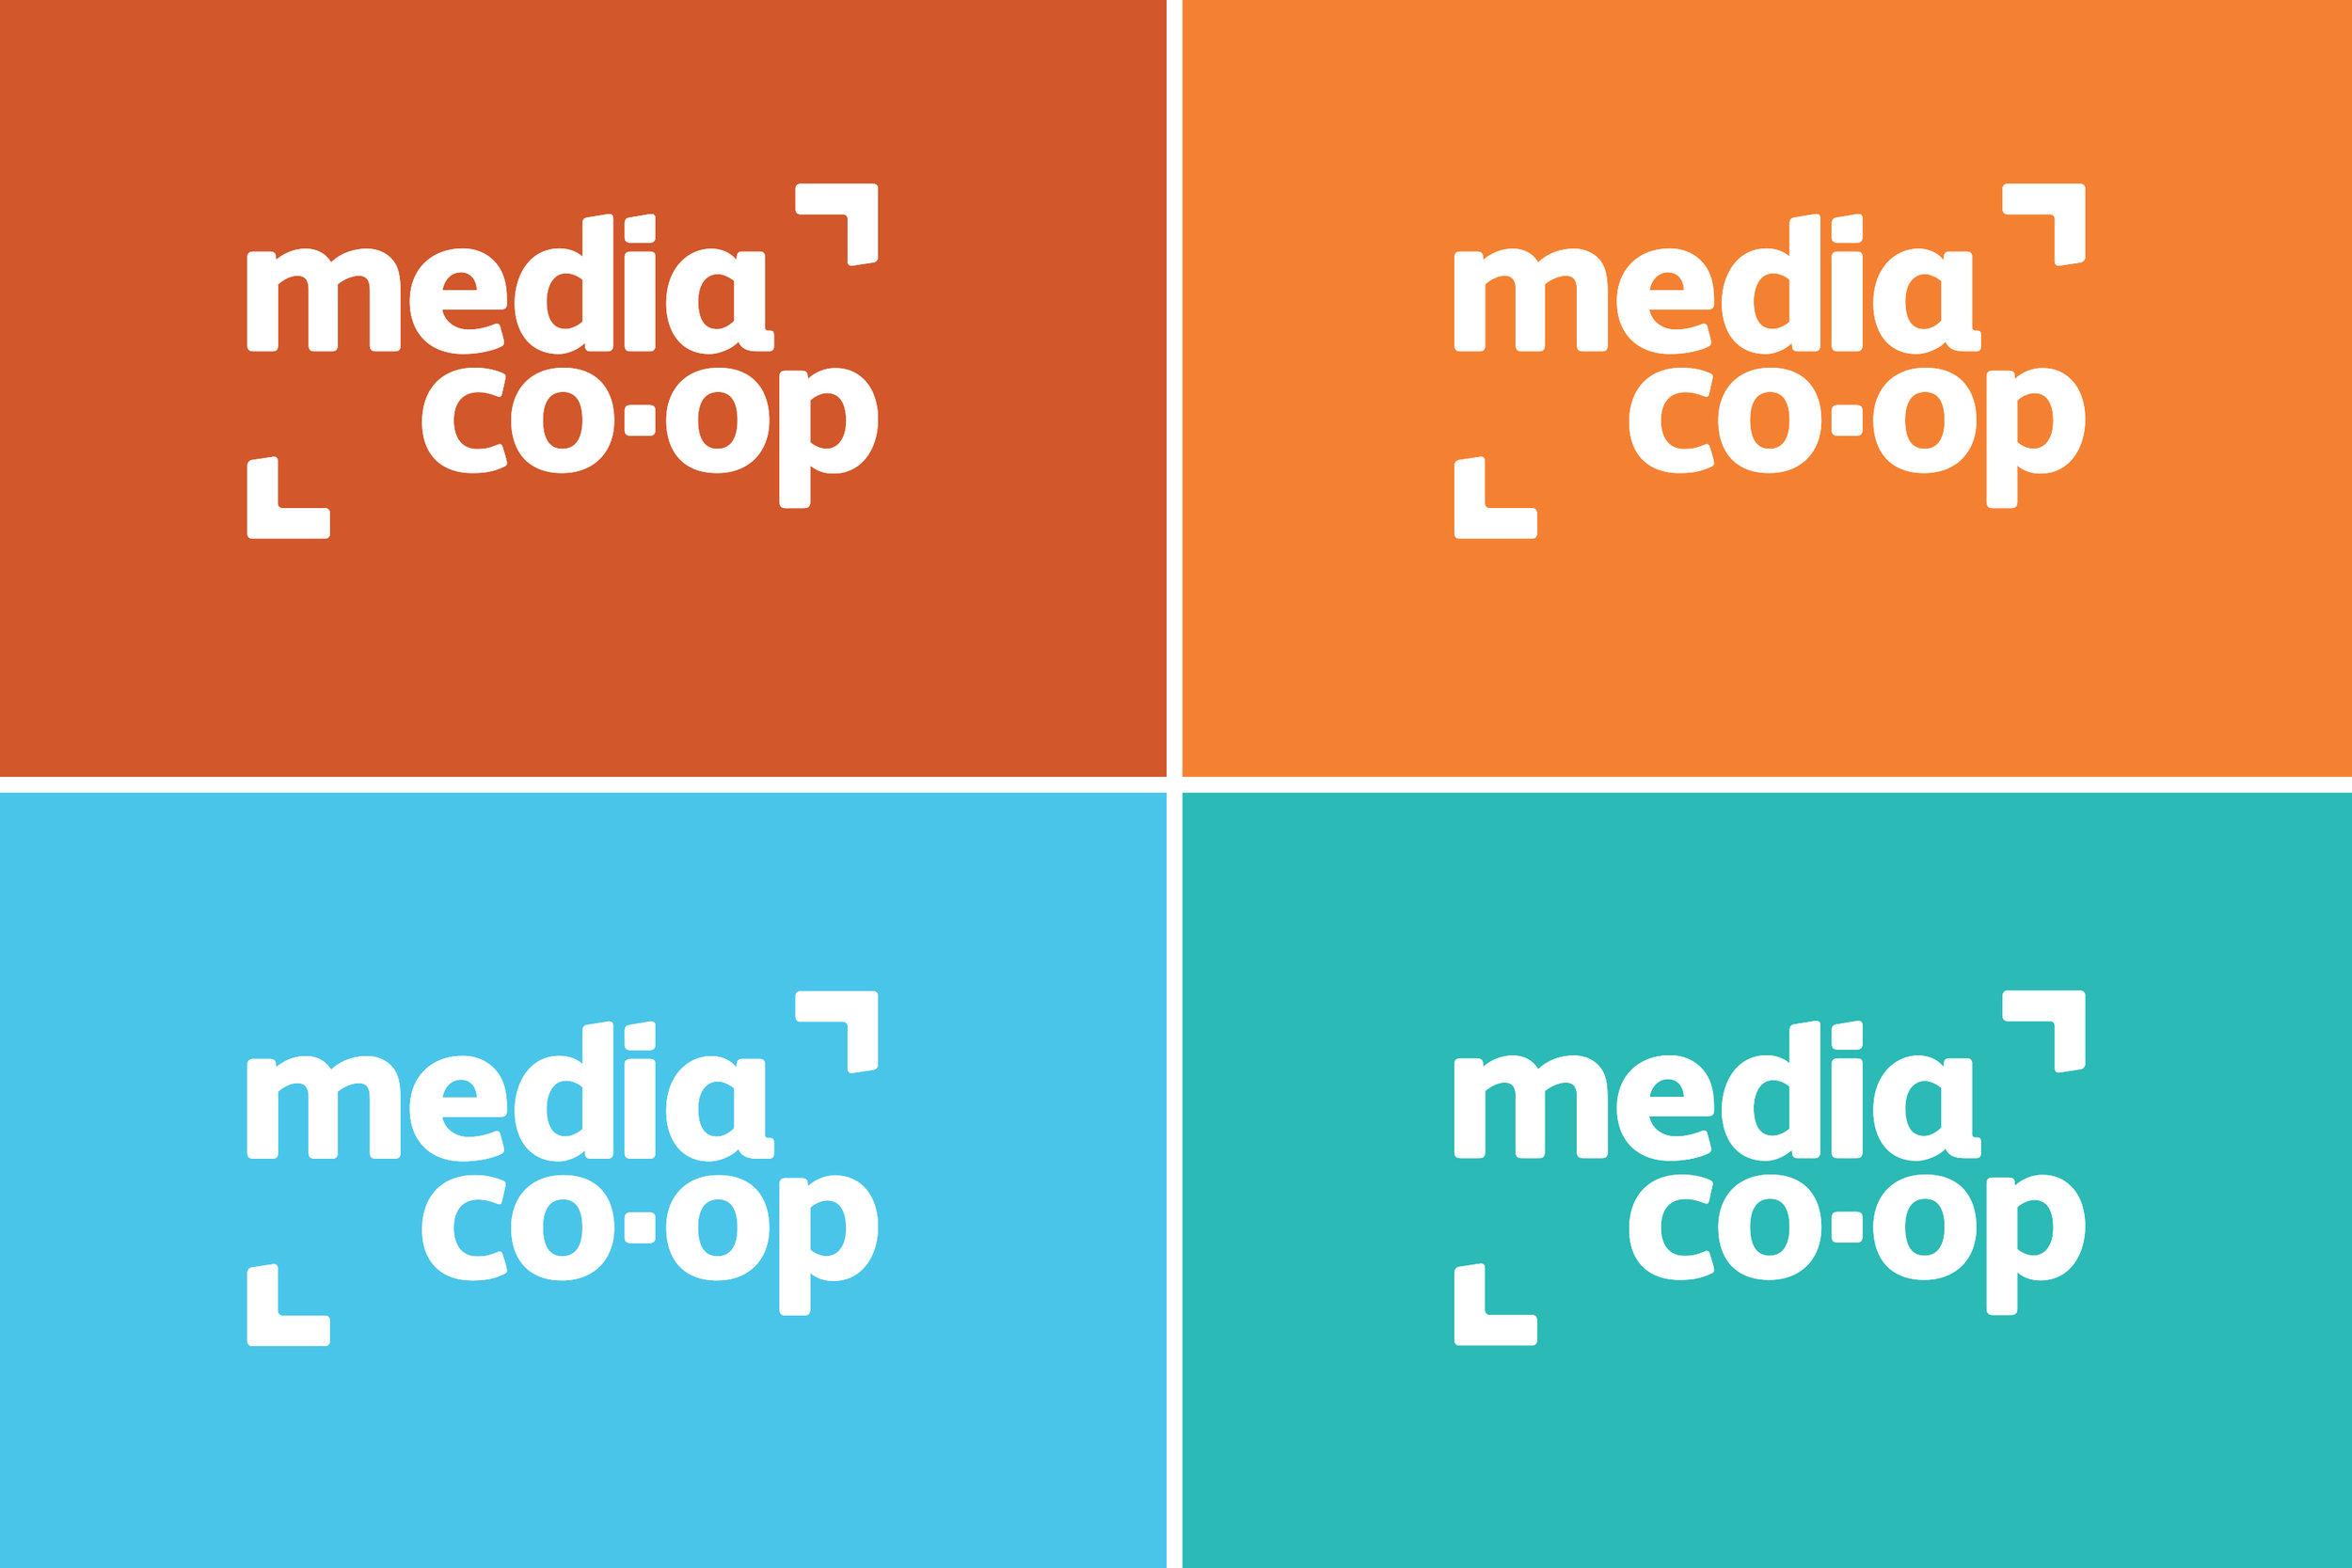 media coop logos.jpg